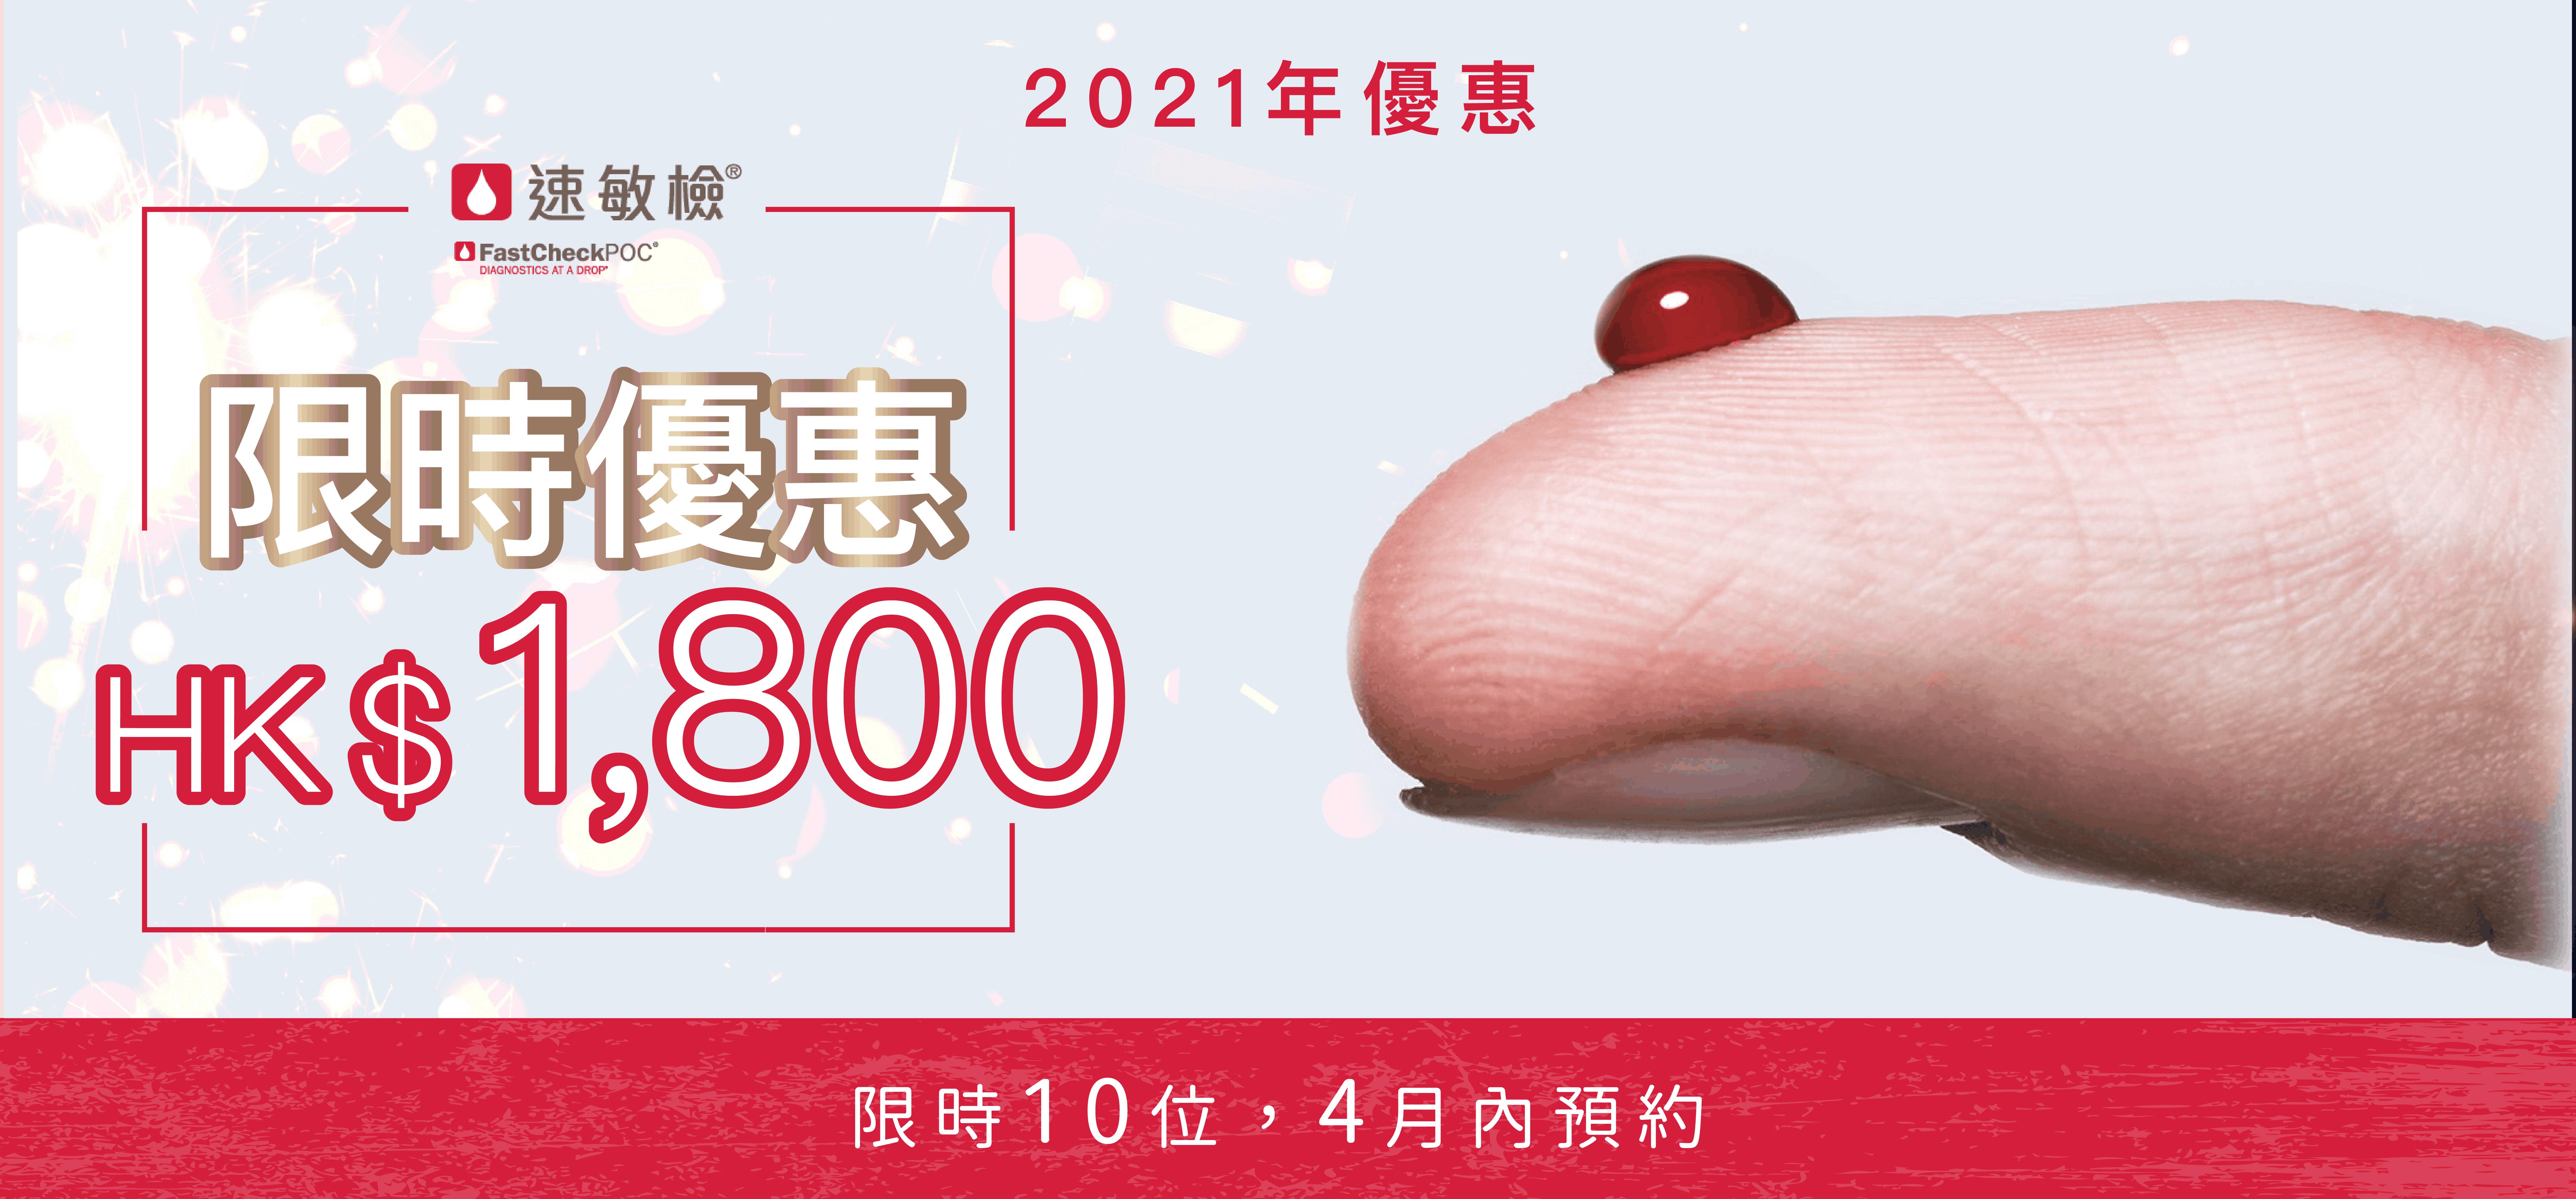 過敏檢測 2021年新年優惠 Fastcheck 01 1